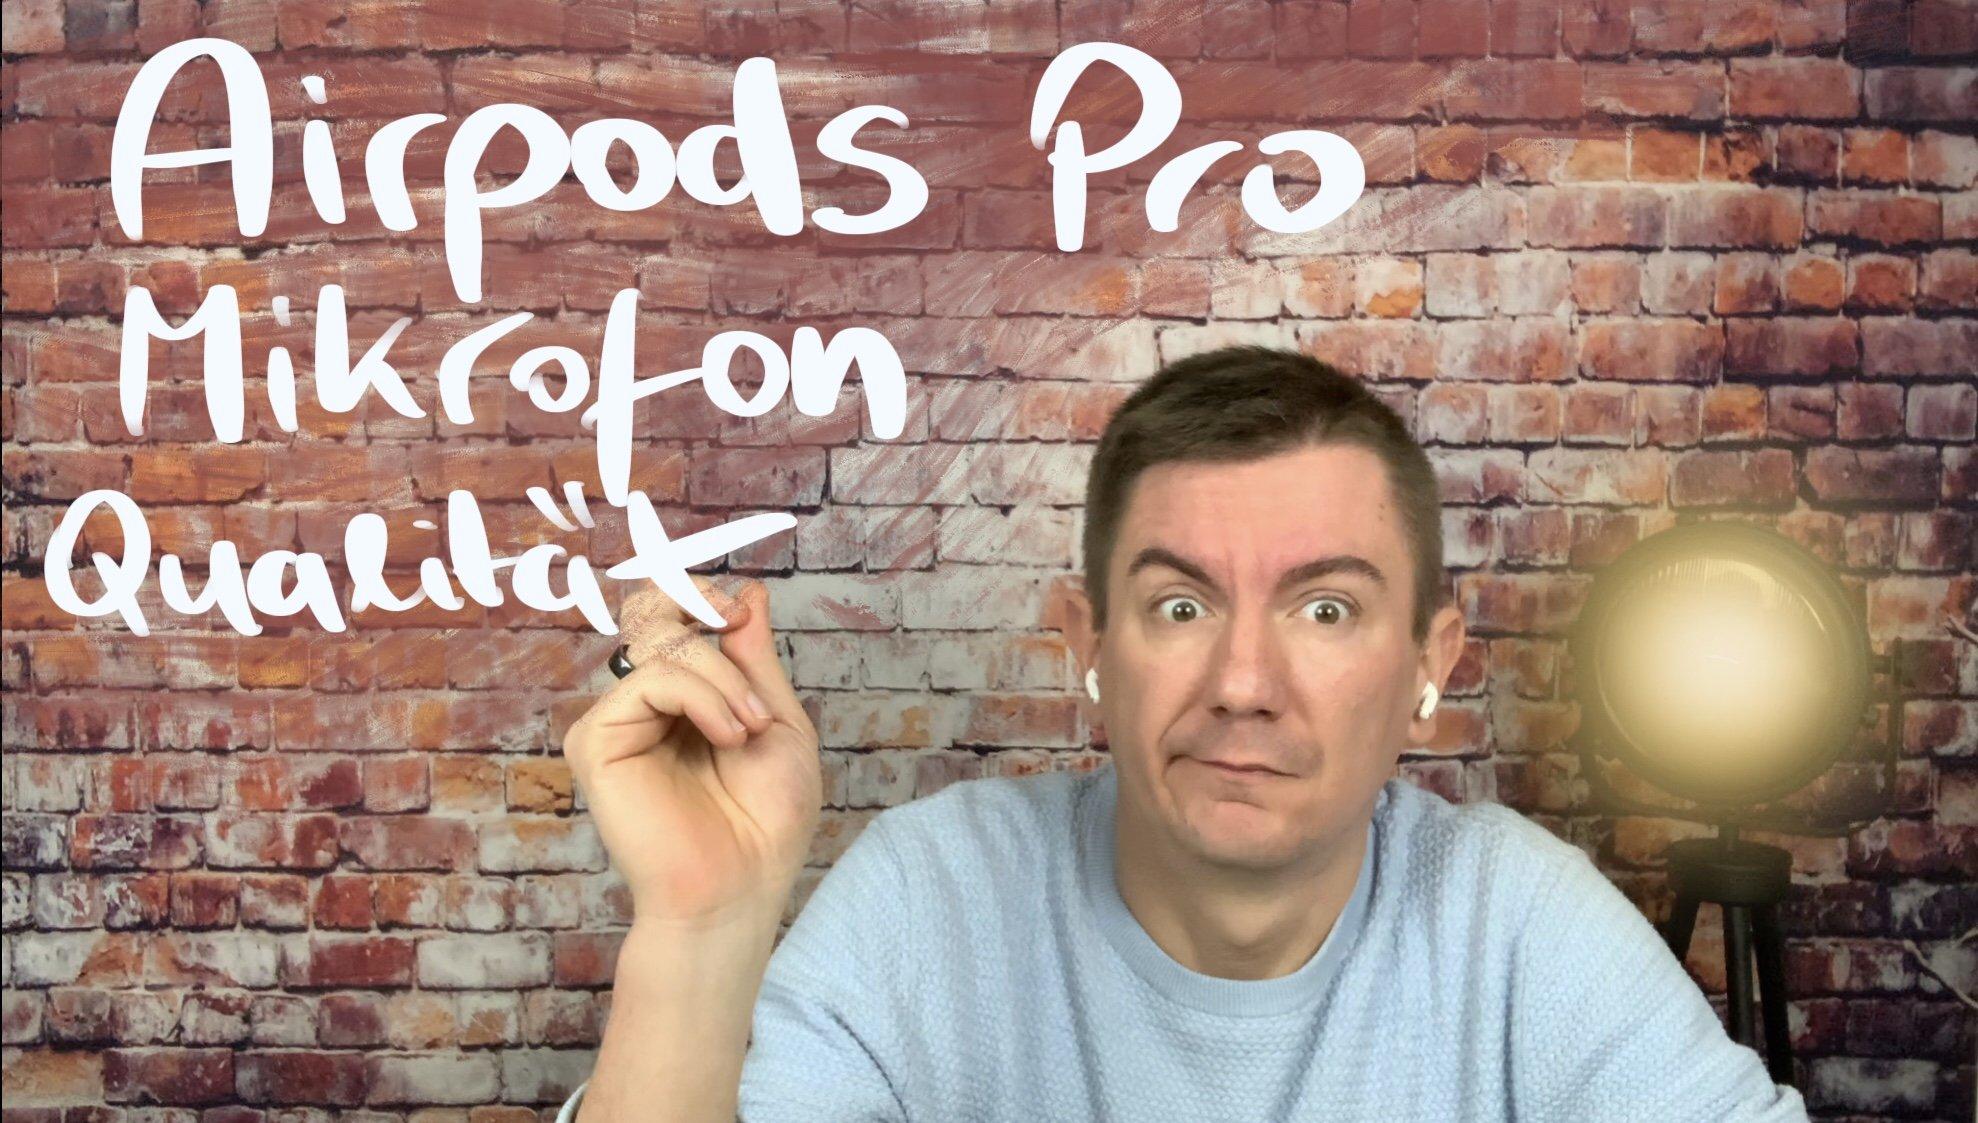 Airpods und Airpods Pro Mikrofon Qualität für Telefonie, Videokonferenz oder Aufnahme